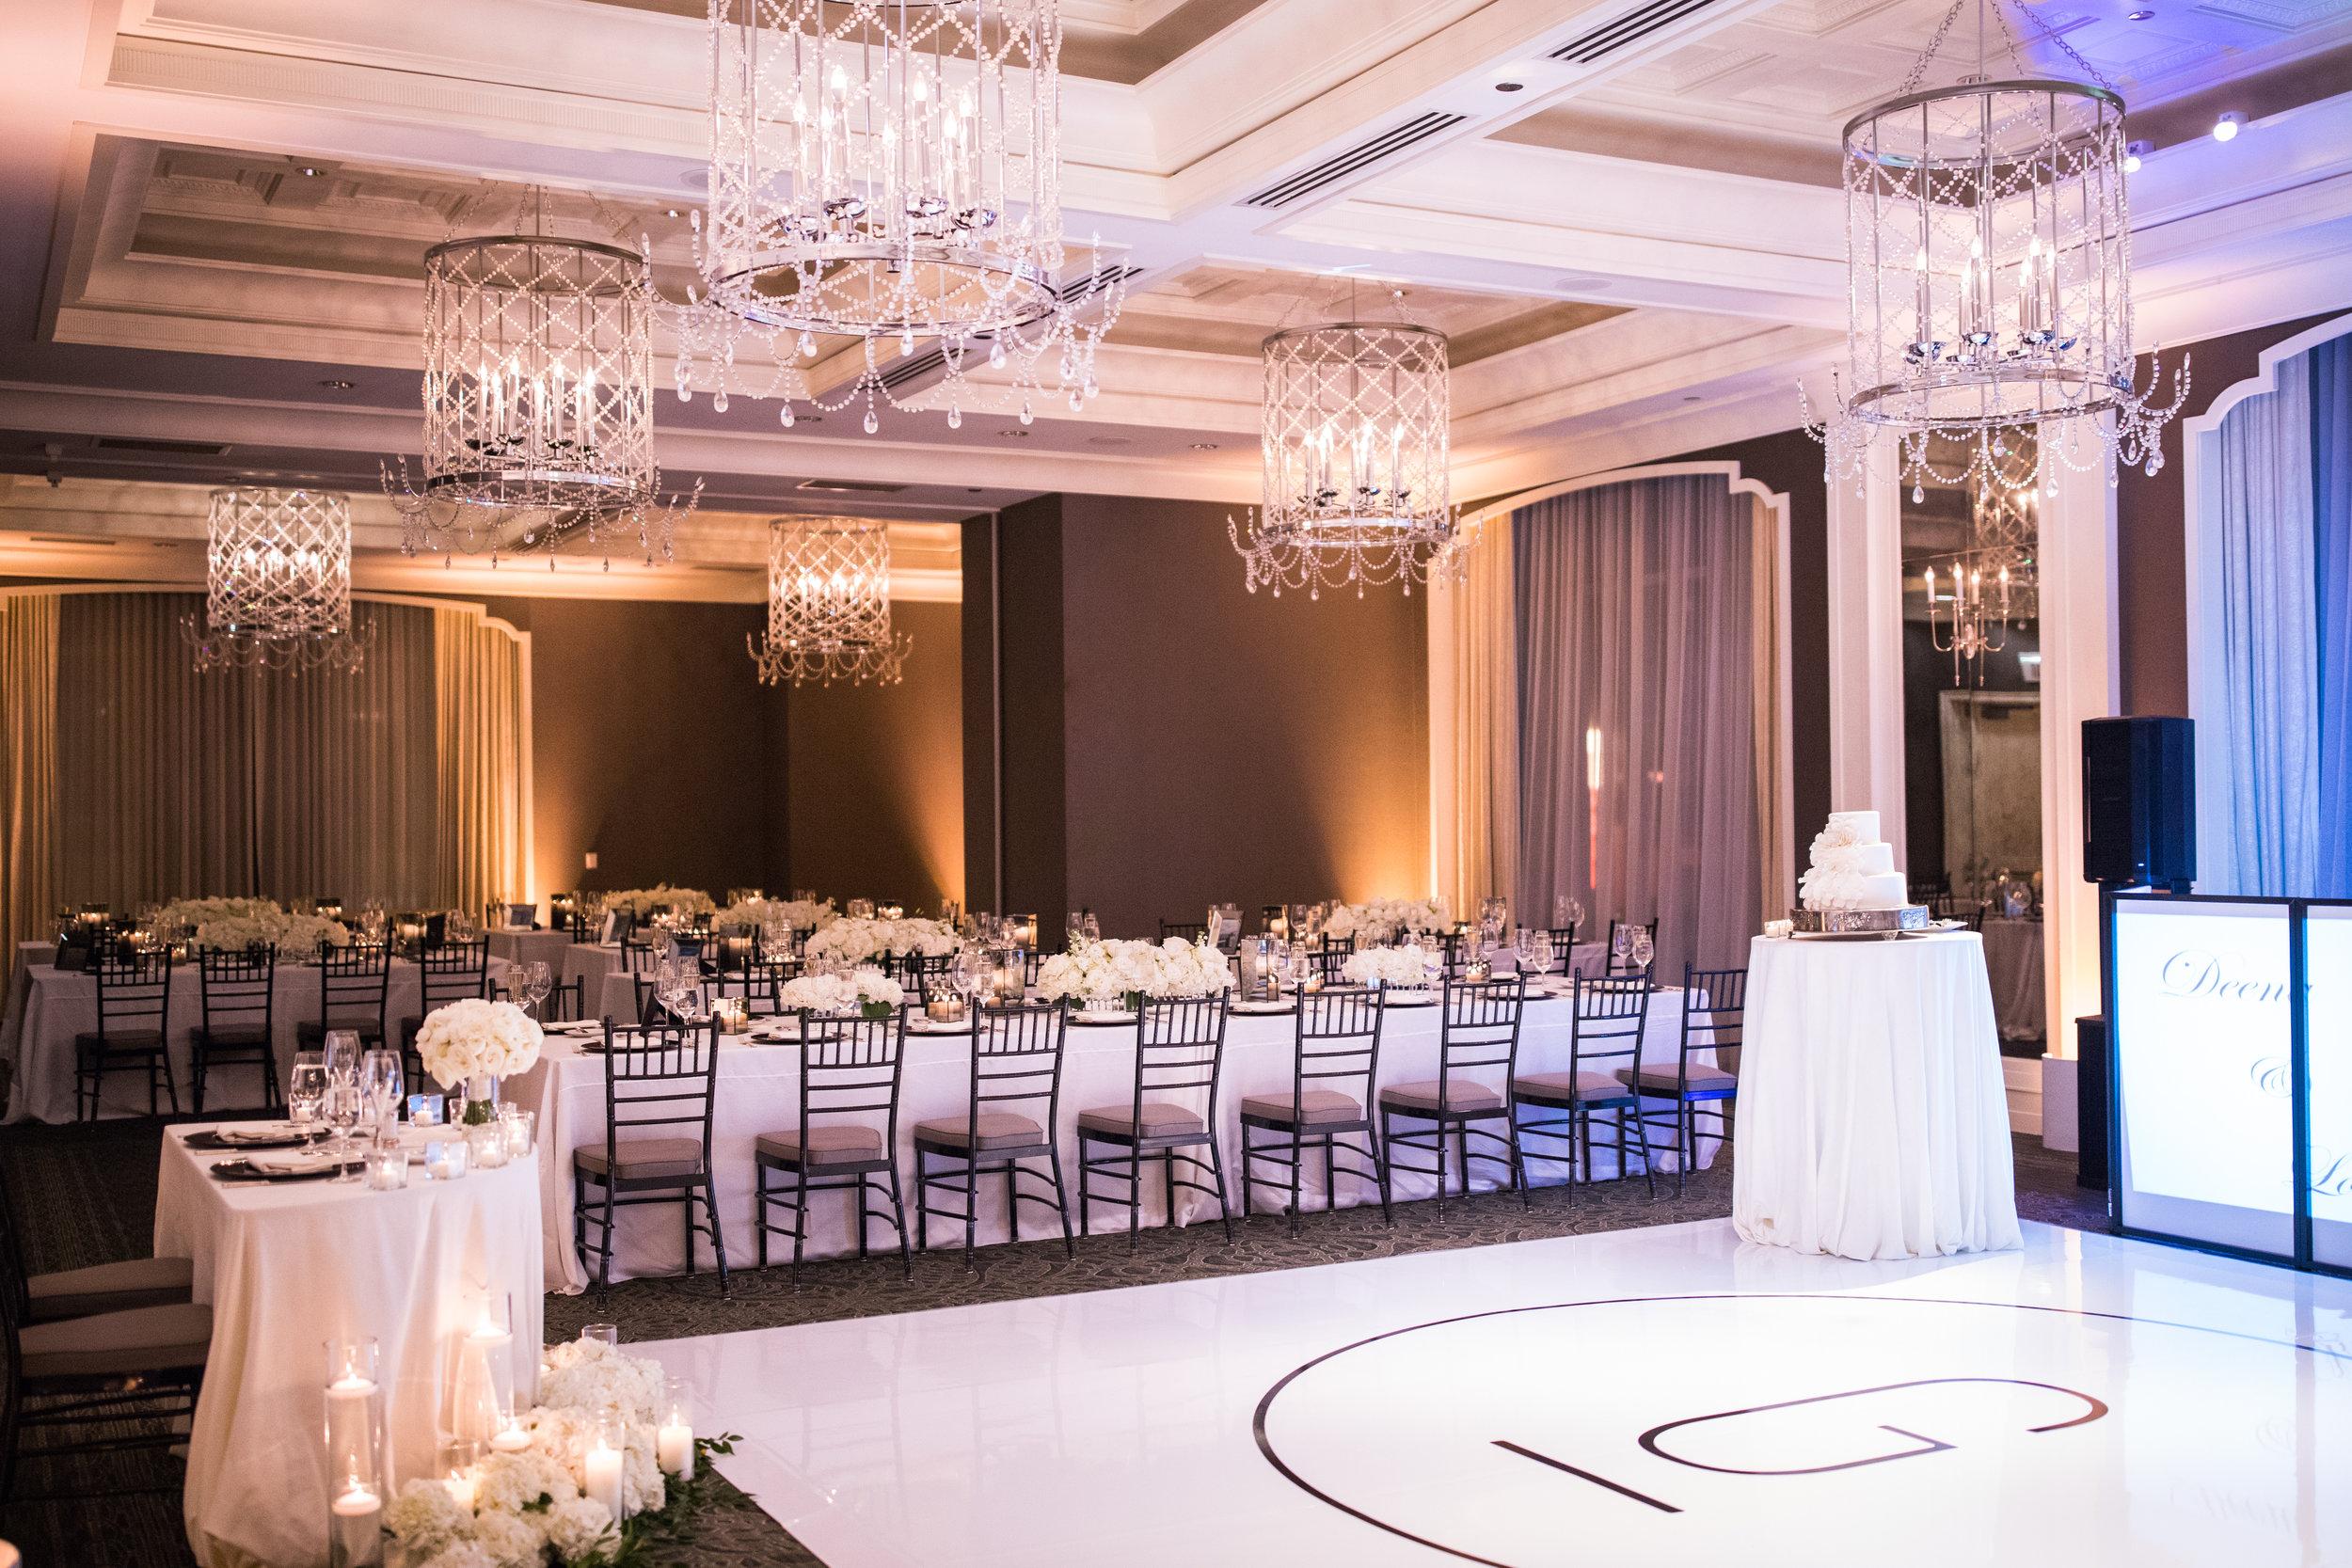 waldorf-astoria-wedding-luxury-wedding-planner.jpg